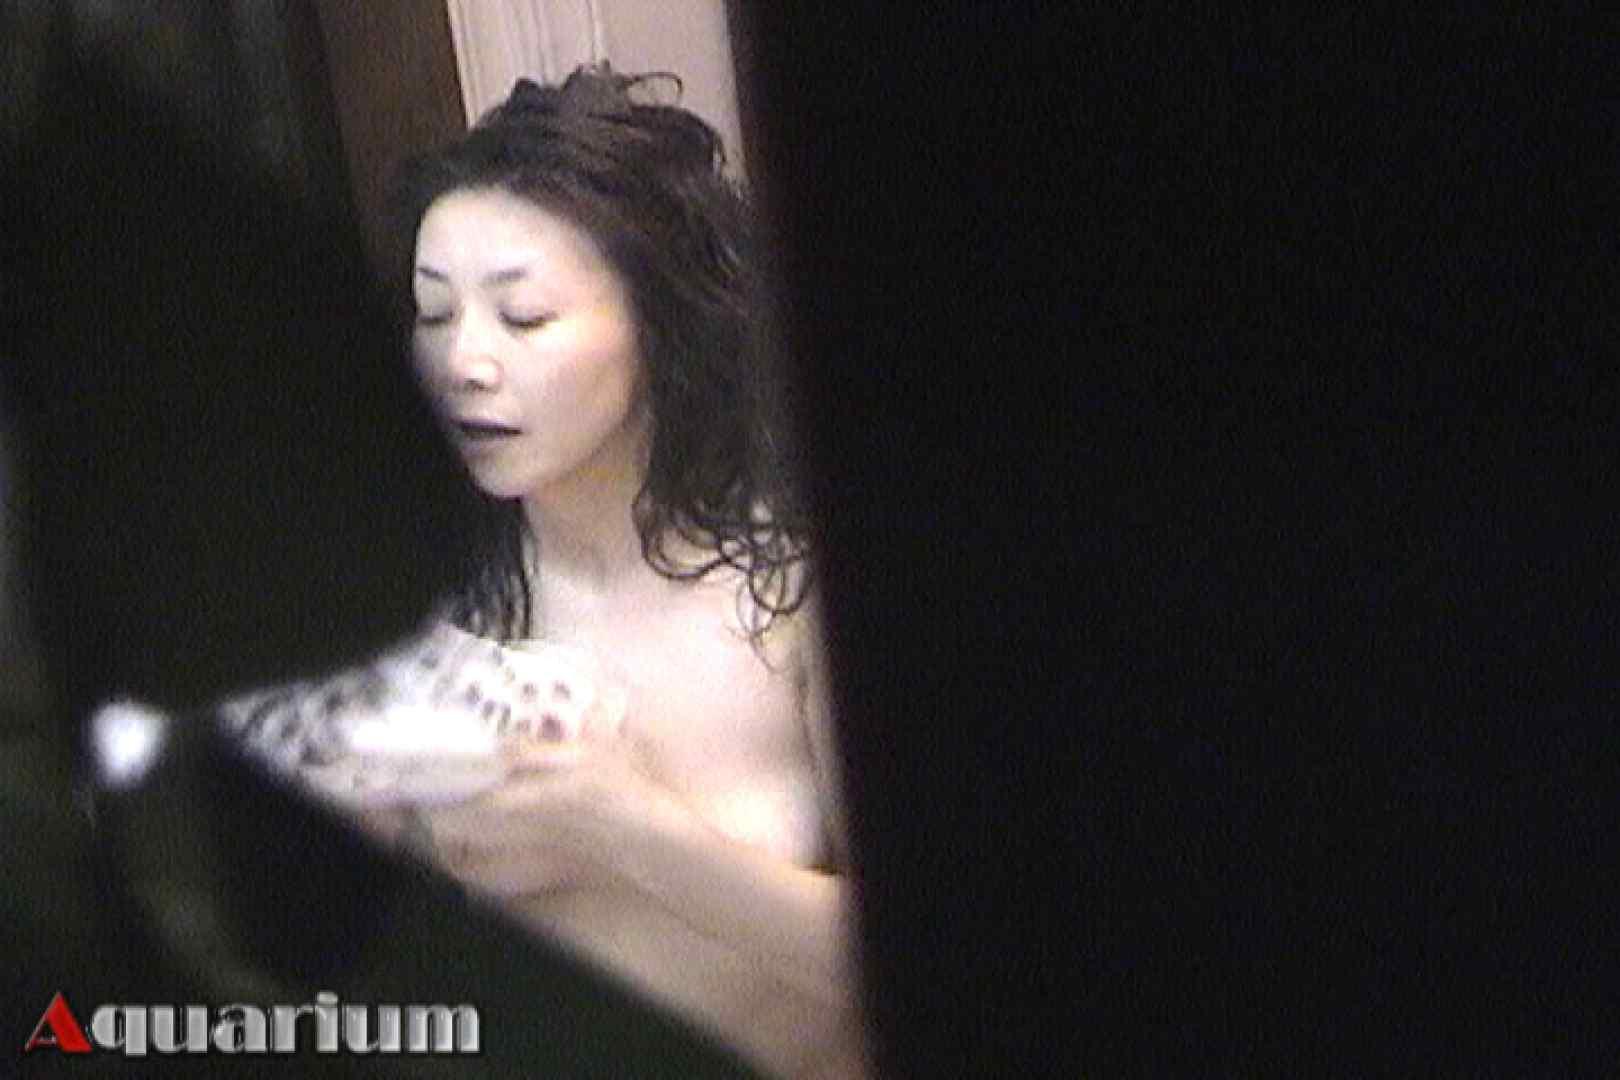 旅館脱衣所お着替え盗撮 Vol.01 盗撮 セックス無修正動画無料 49pic 38